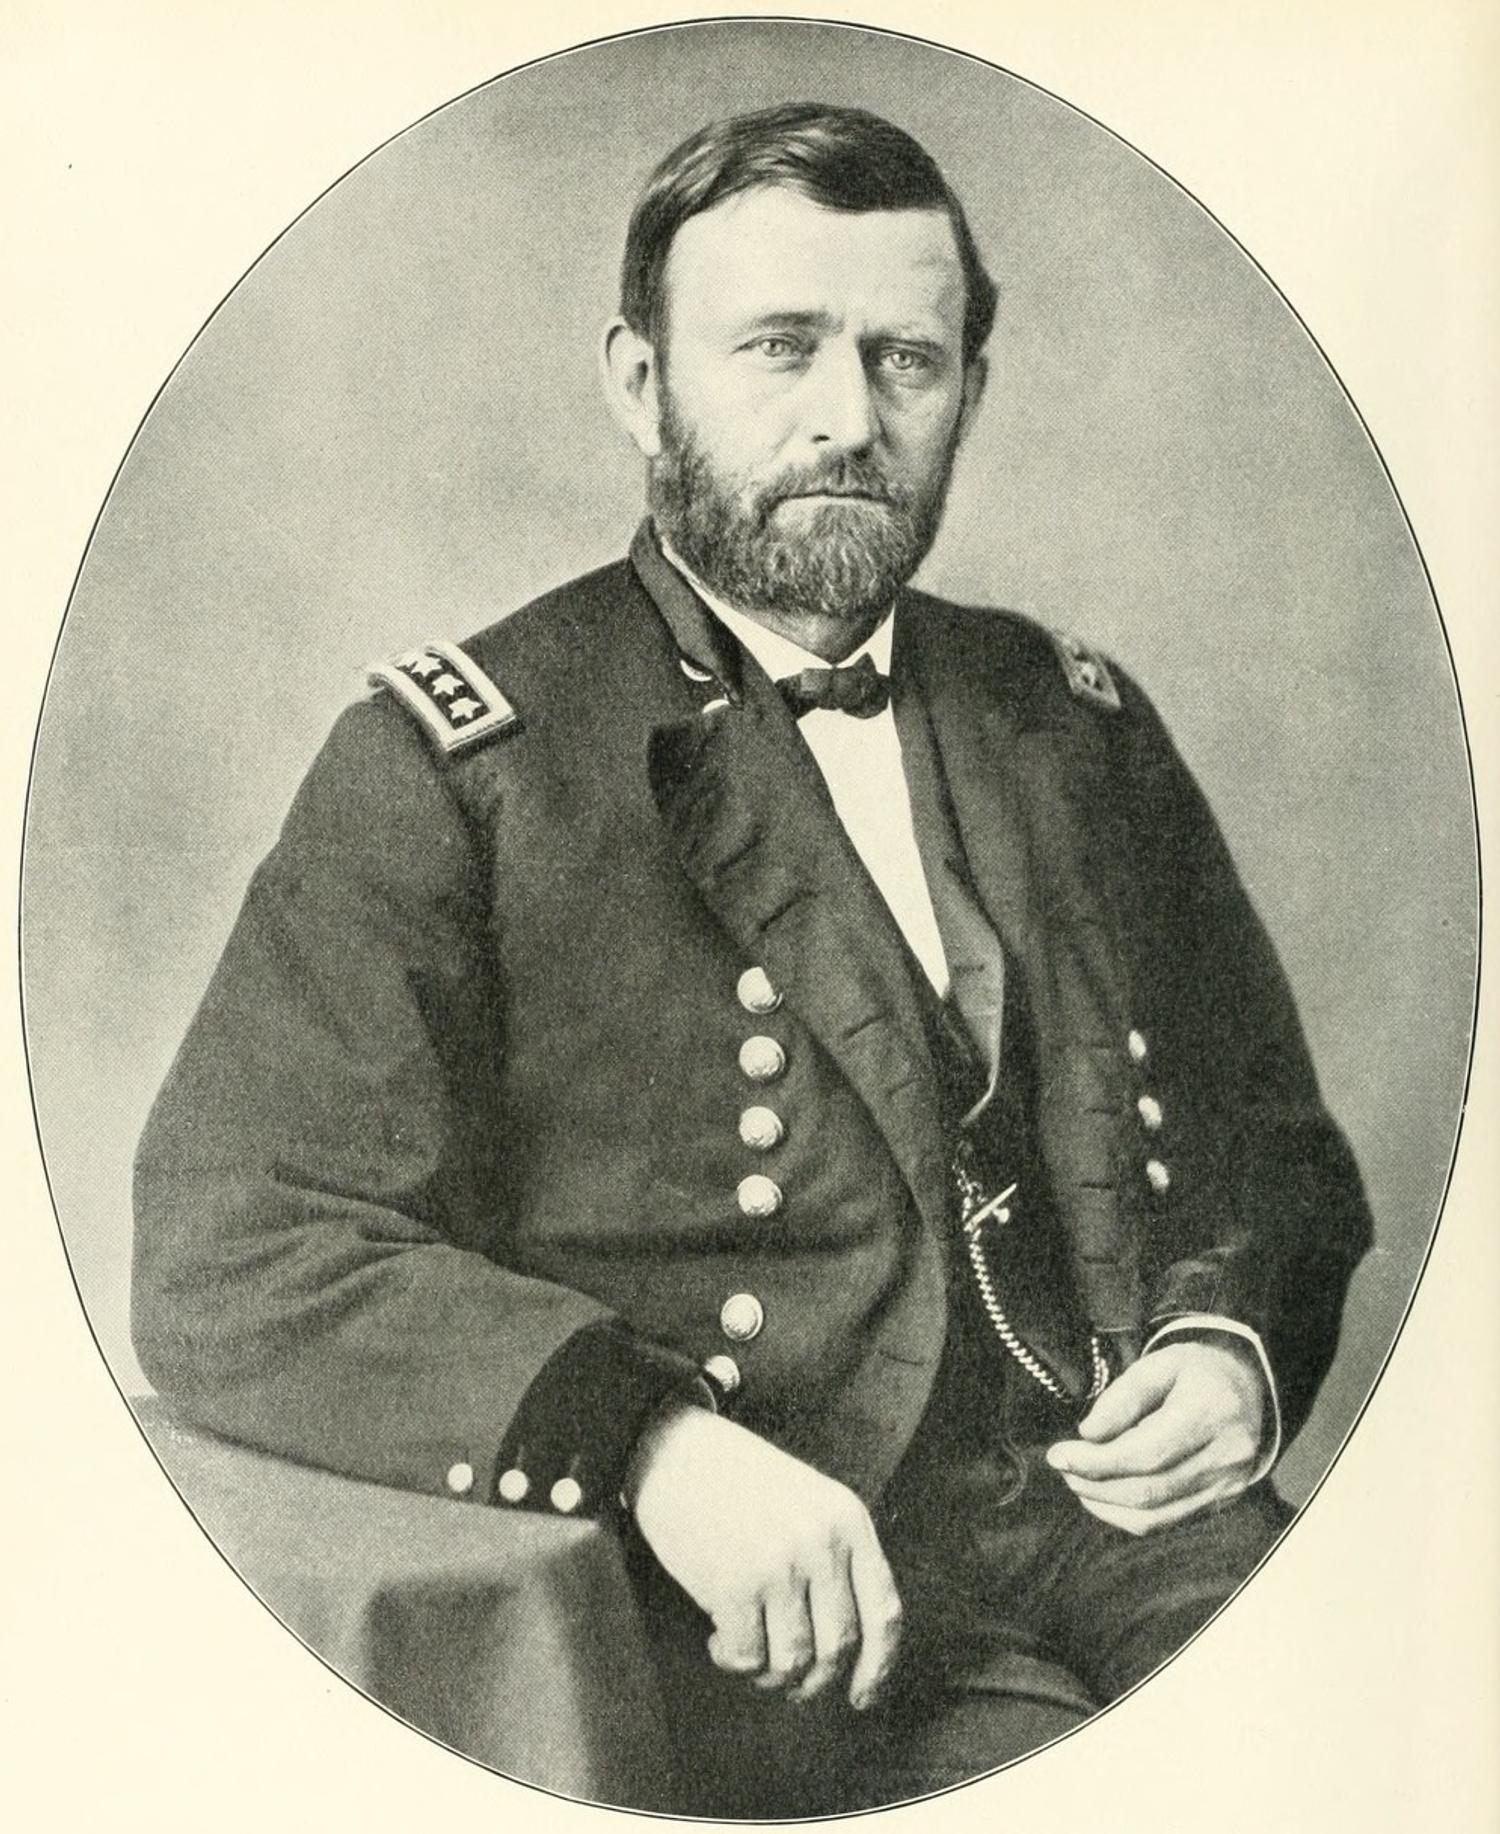 Generał Ulysses S. Grant. Źródło: Wikimedia Commons, domena publiczna.